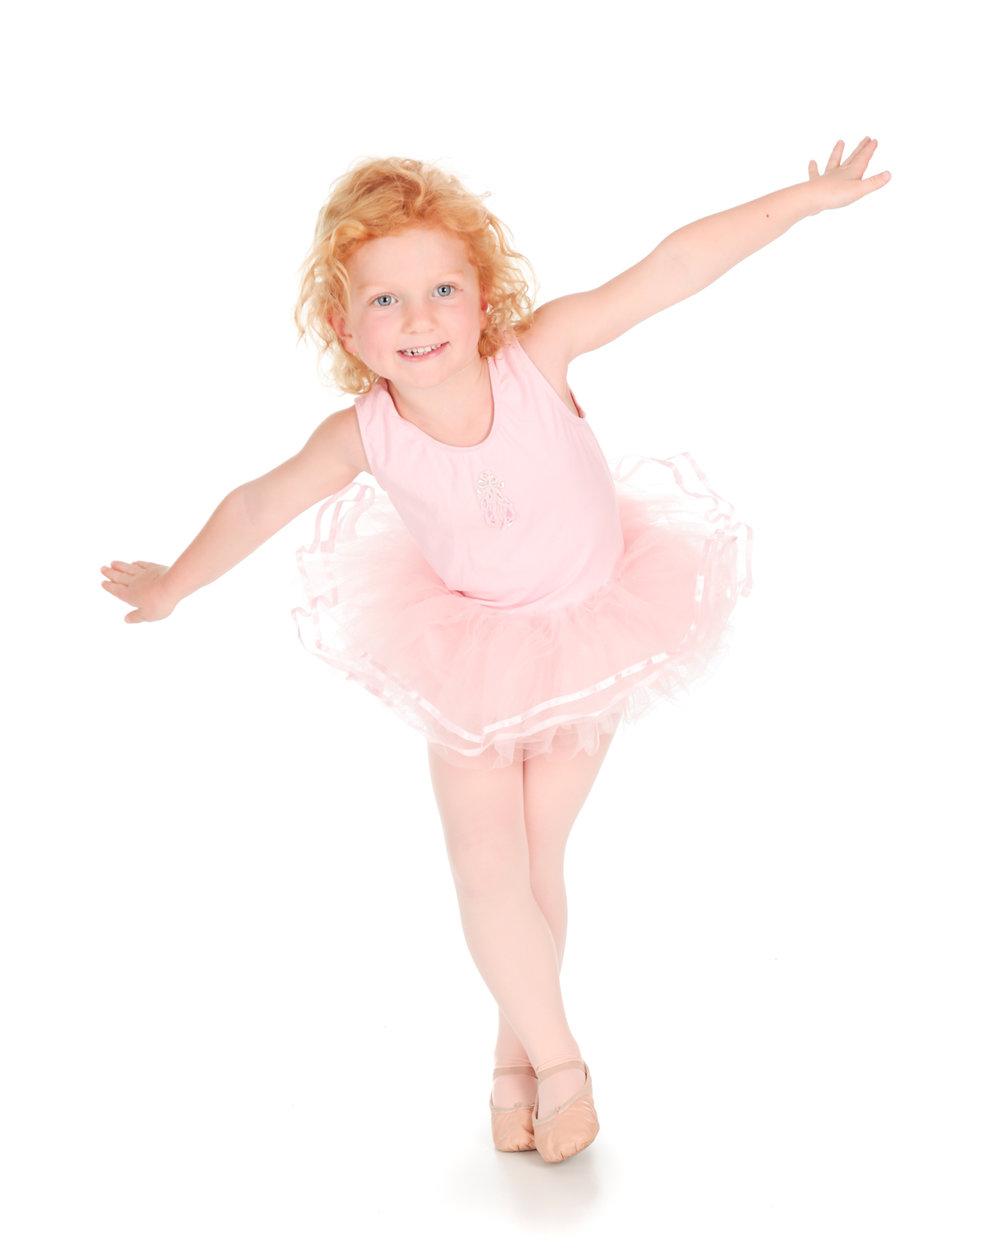 Child_Portrait_Photographer_Newbury_Berkshire_043.jpg